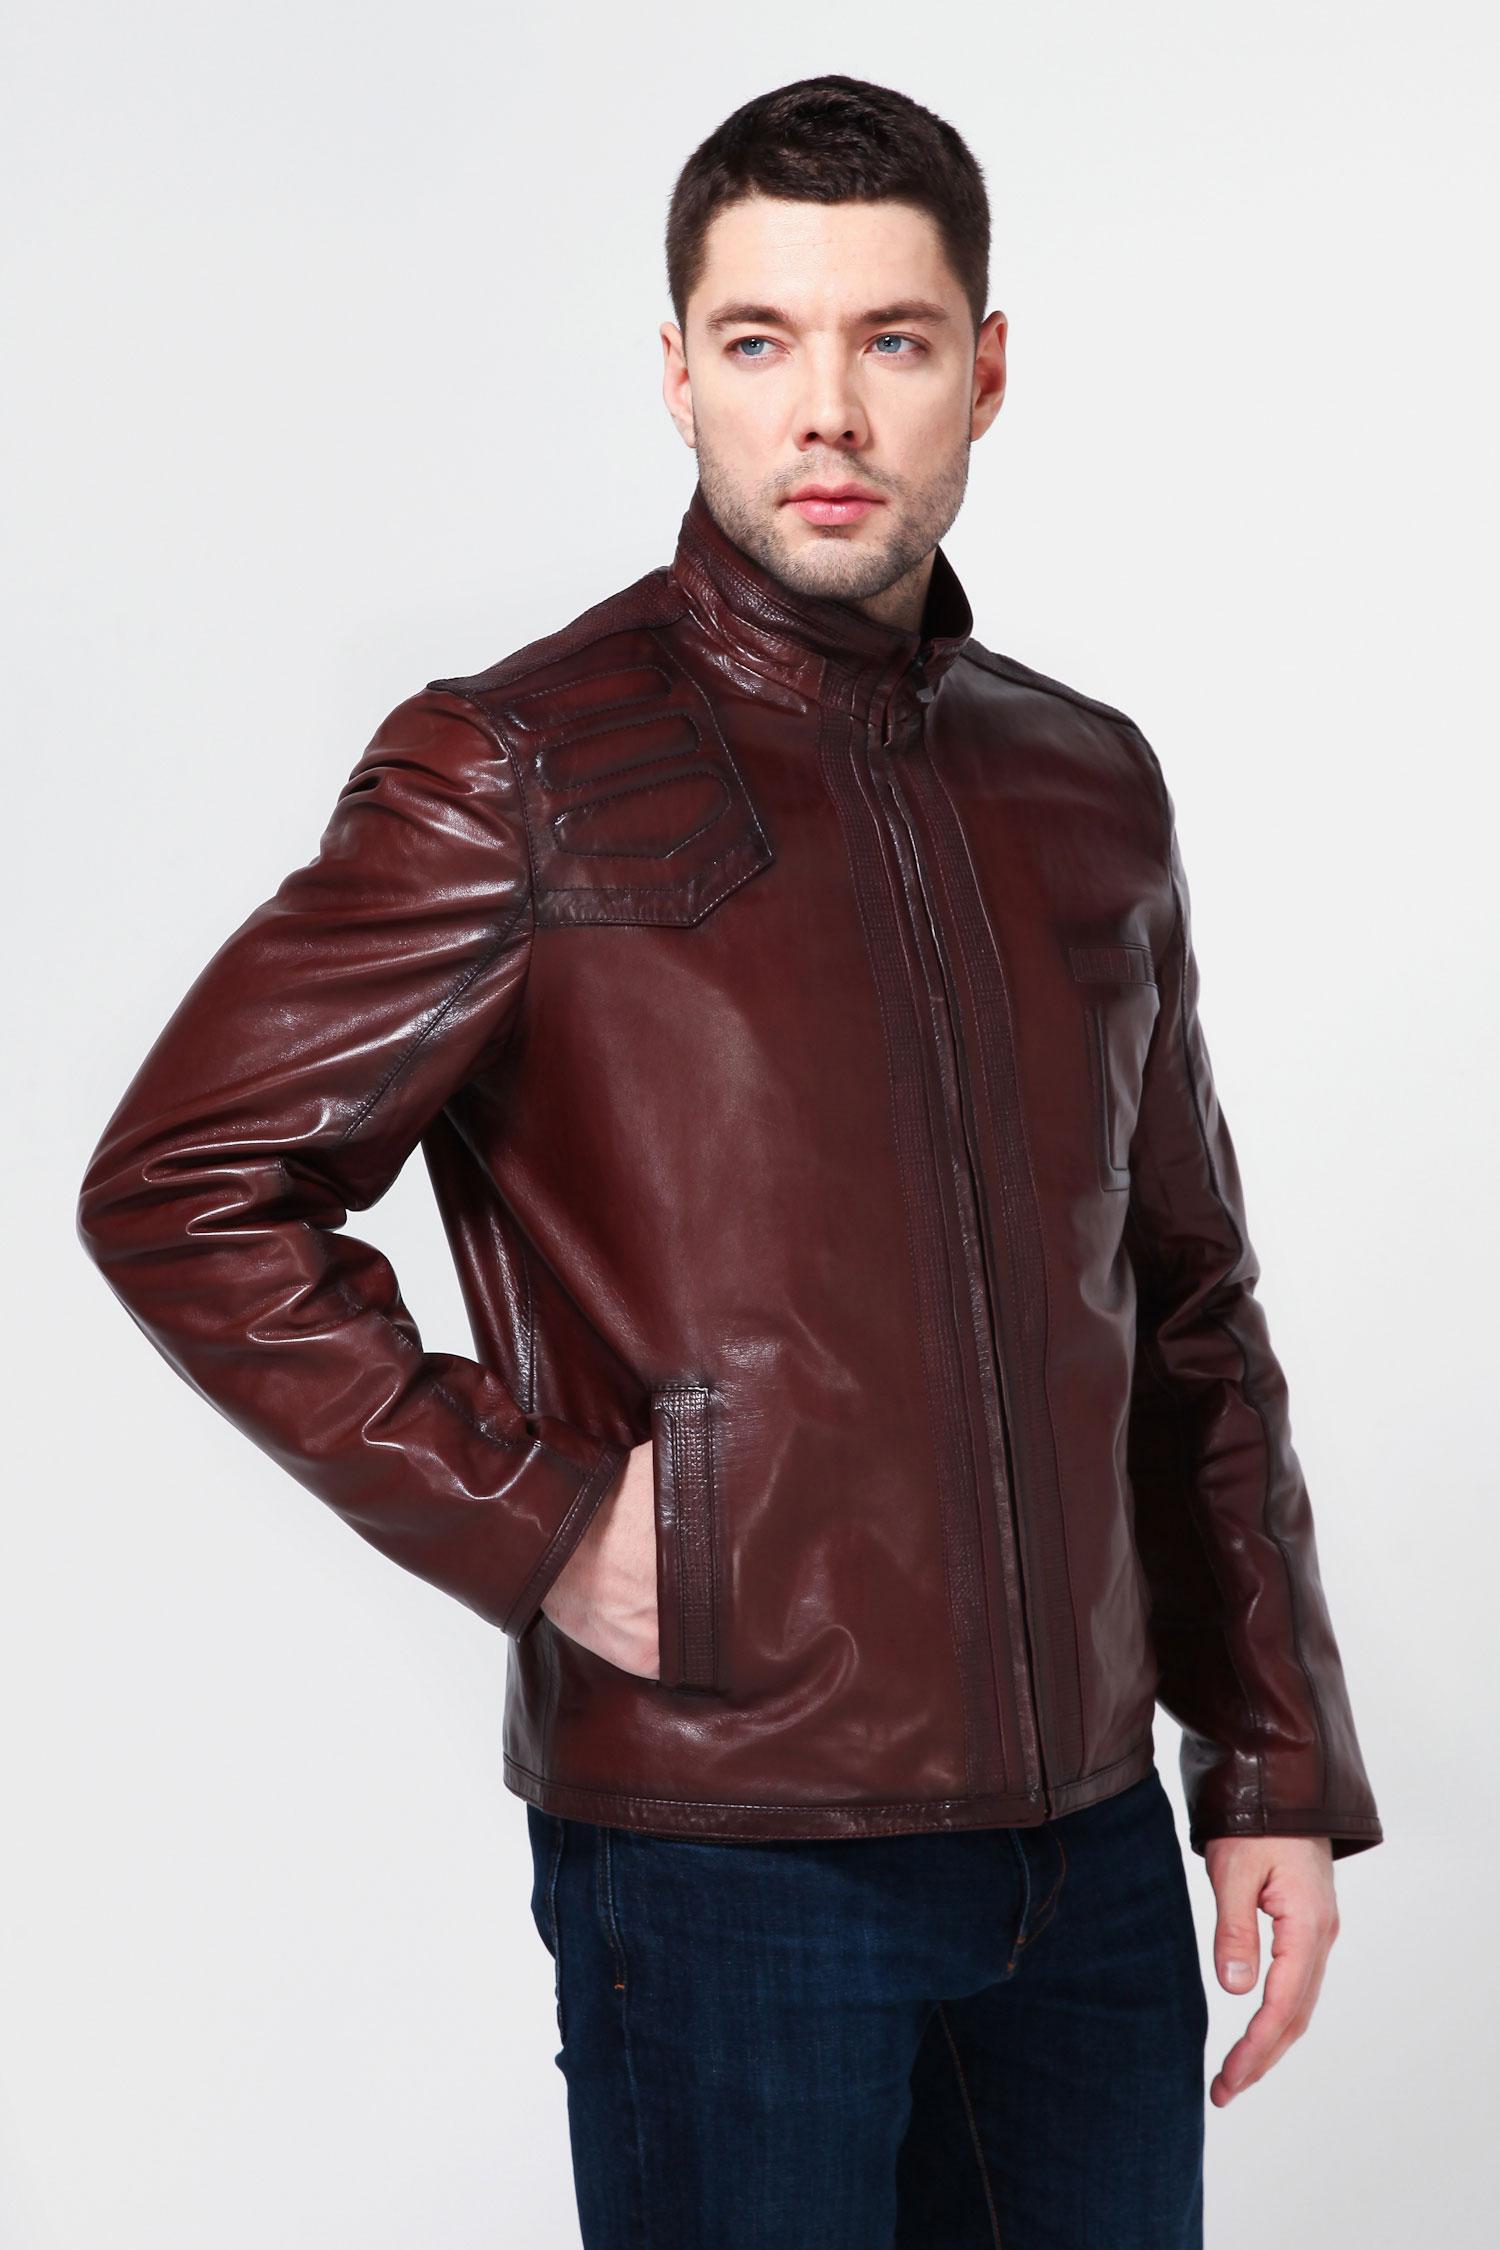 Мужская кожаная куртка из натуральной кожи, без отделки